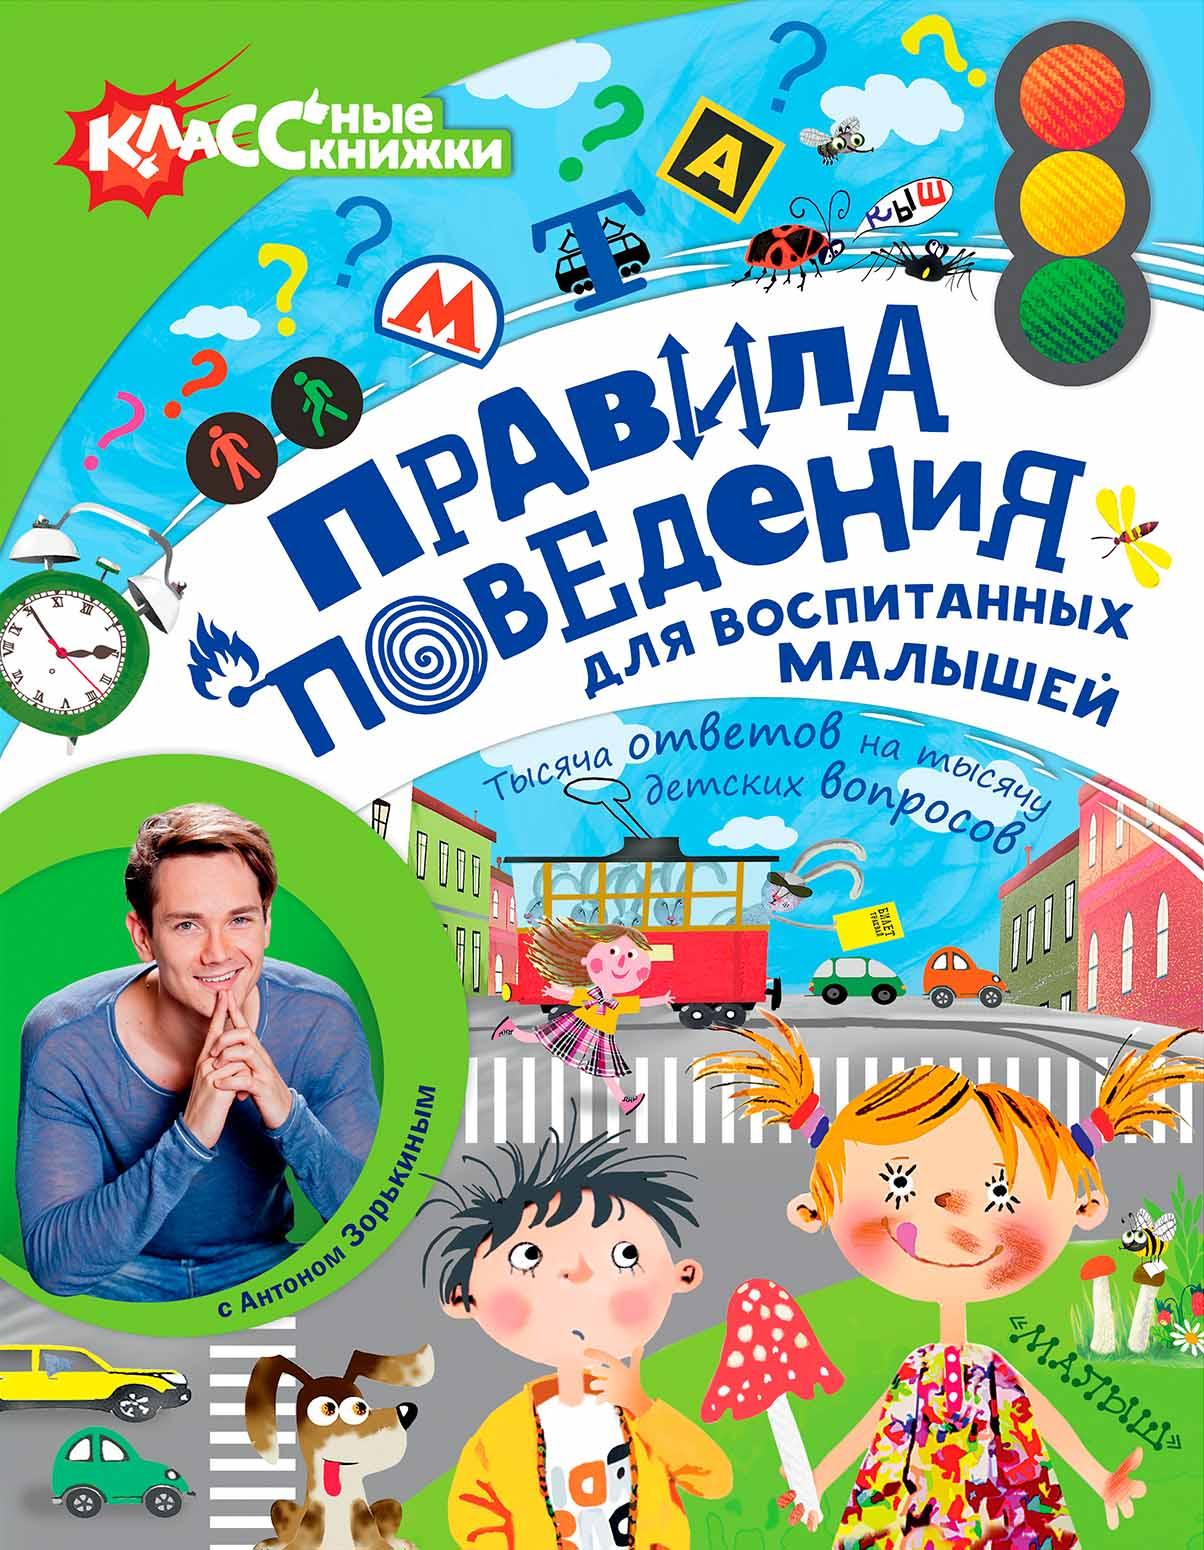 Зорькин А. Правила поведения для воспитанных малышей с Антоном Зорькиным